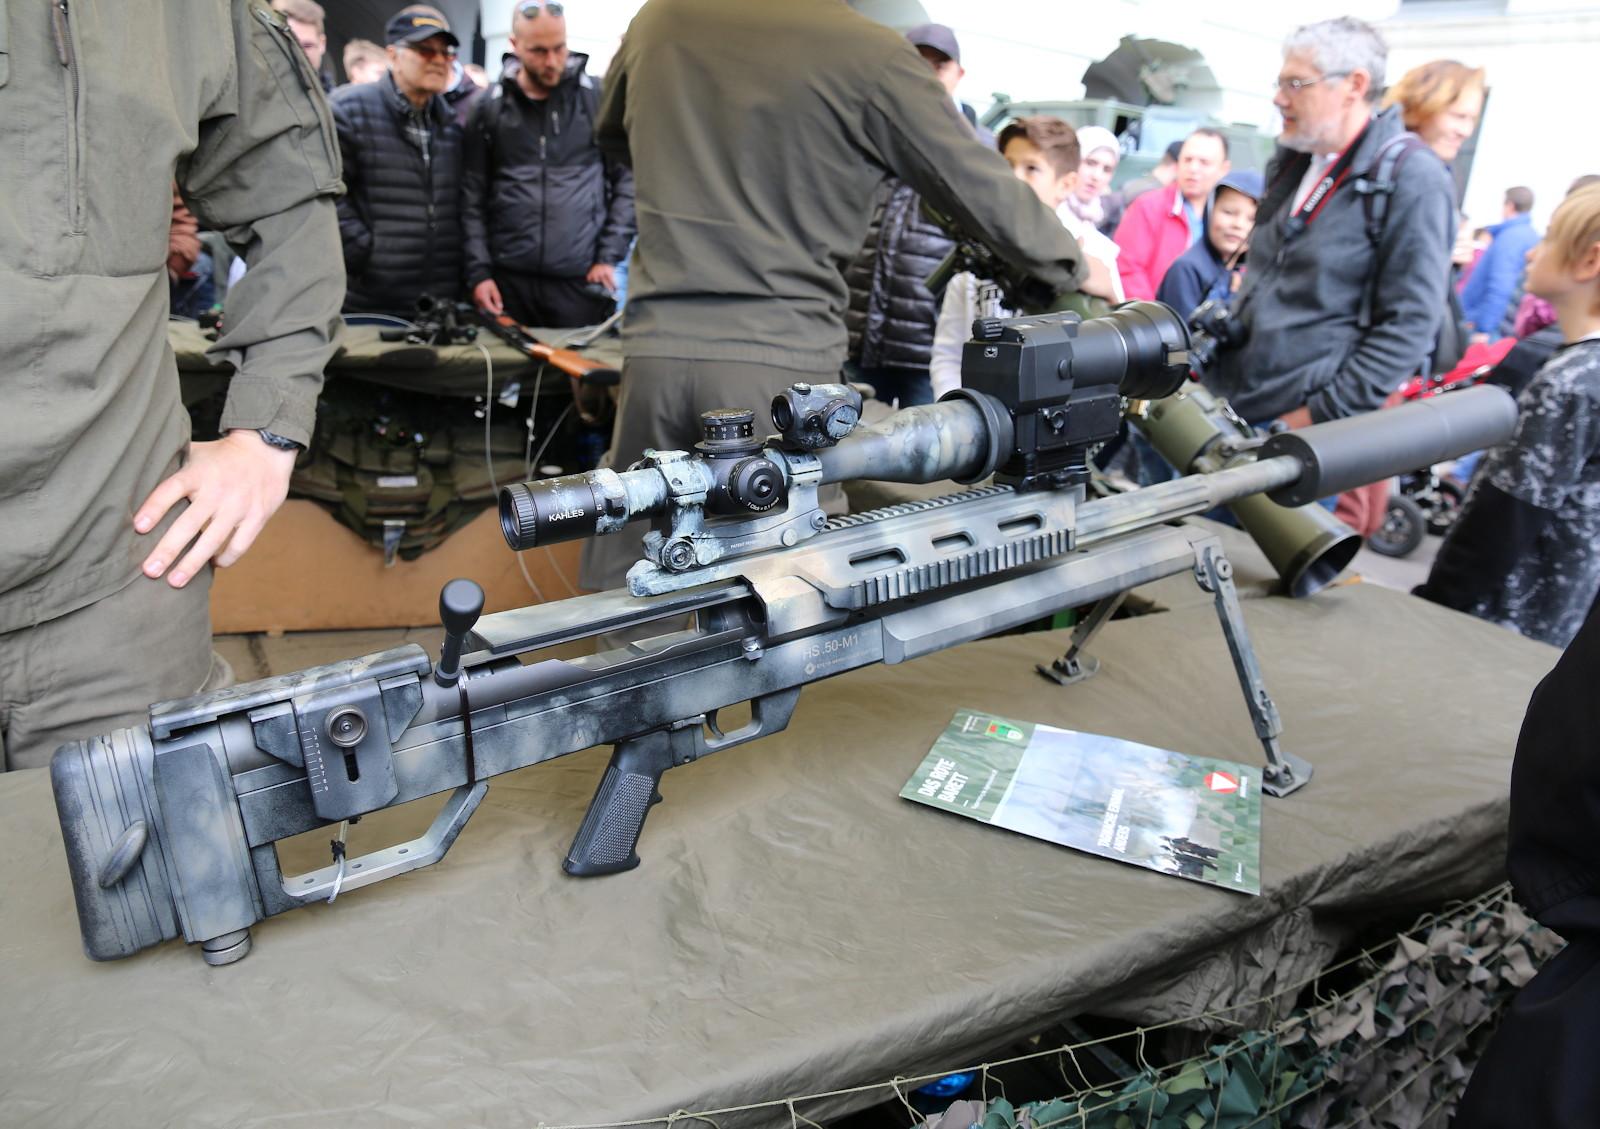 12,7 mm Schweres Scharfschützengewehr Steyr HS .50 M1 mit Mündungsfeuerdämpfer © Doppeladler.com